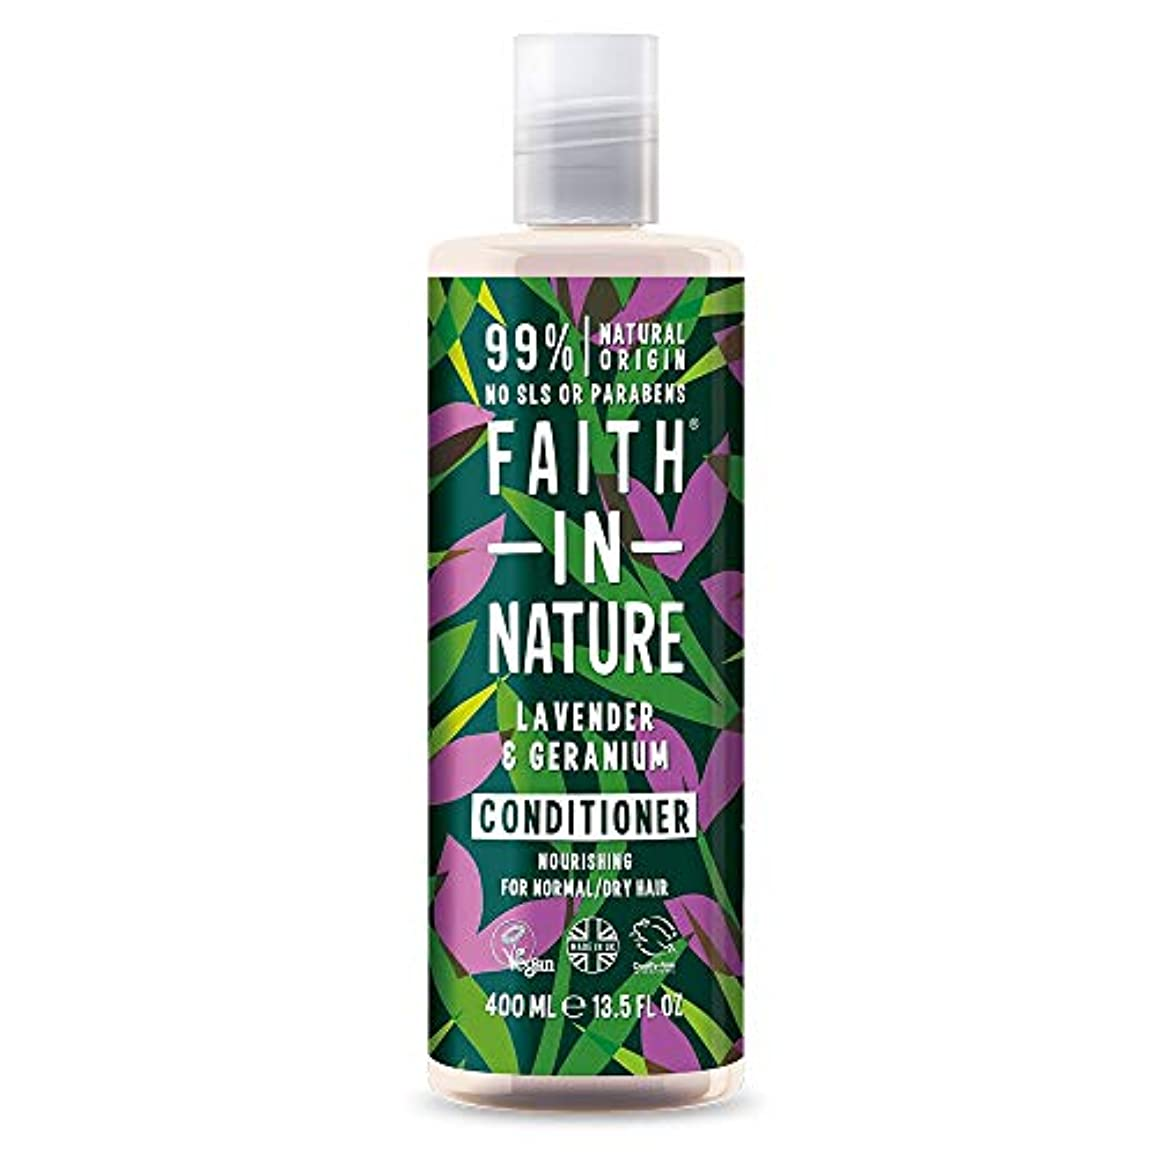 息を切らして痴漢スペシャリストFaith In Nature Lavender & Geranium Conditioner Normal To Dry Hair 400ml